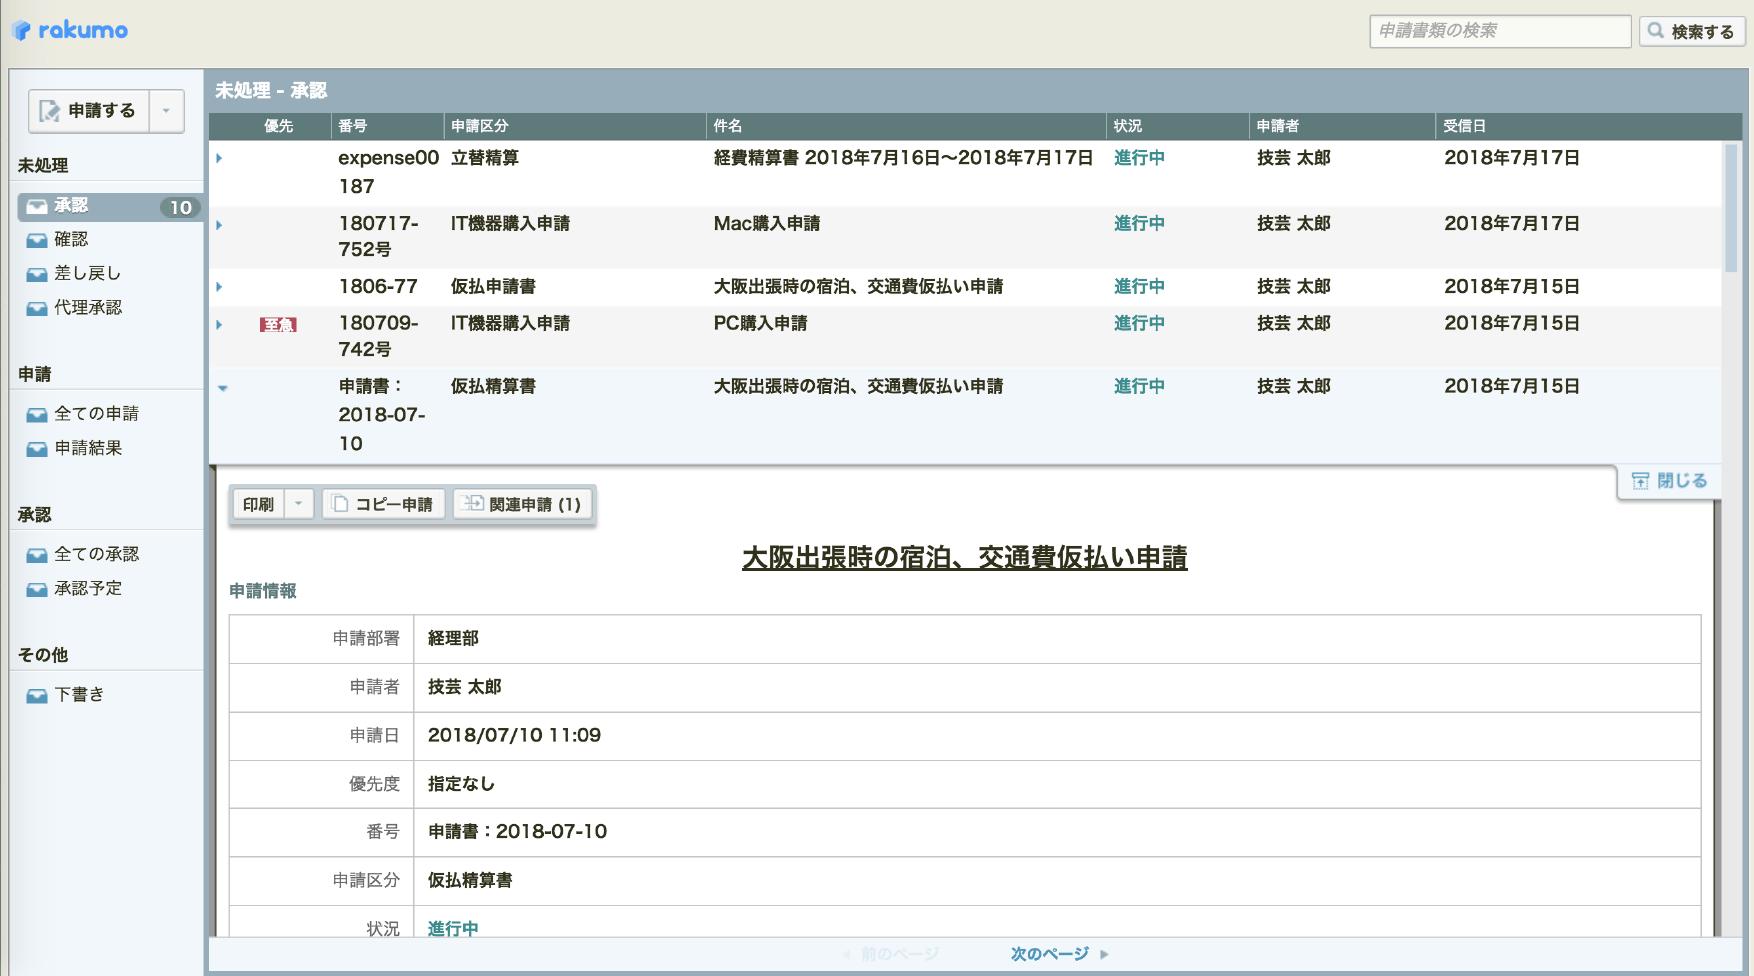 G Suite連携ワークフローシステム「rakumo ワークフロー」画面